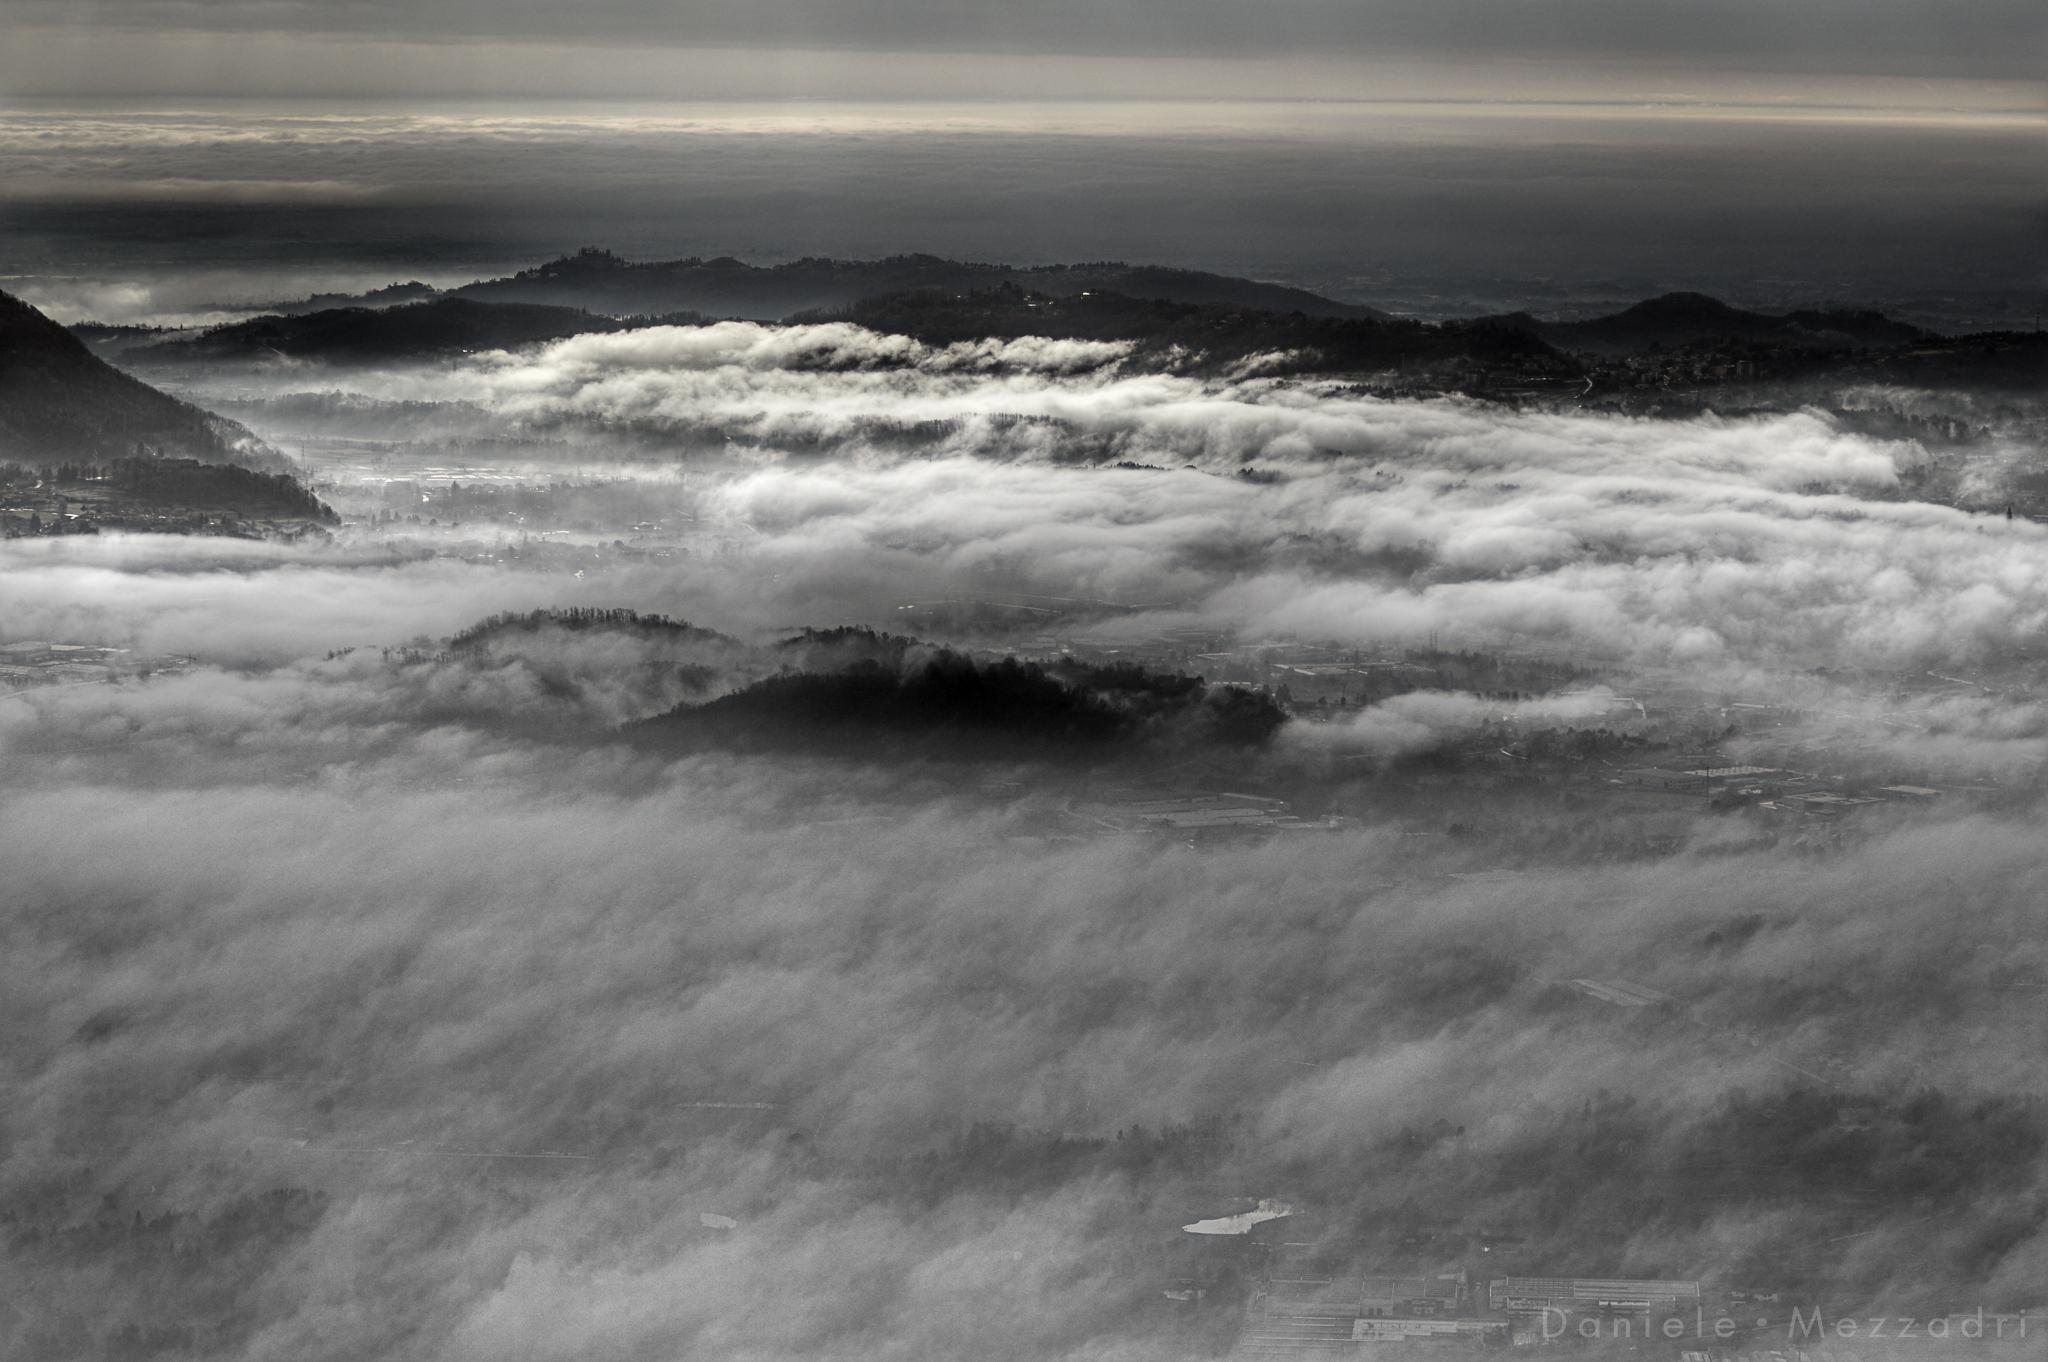 La nebbia avvolge il paesaggio......